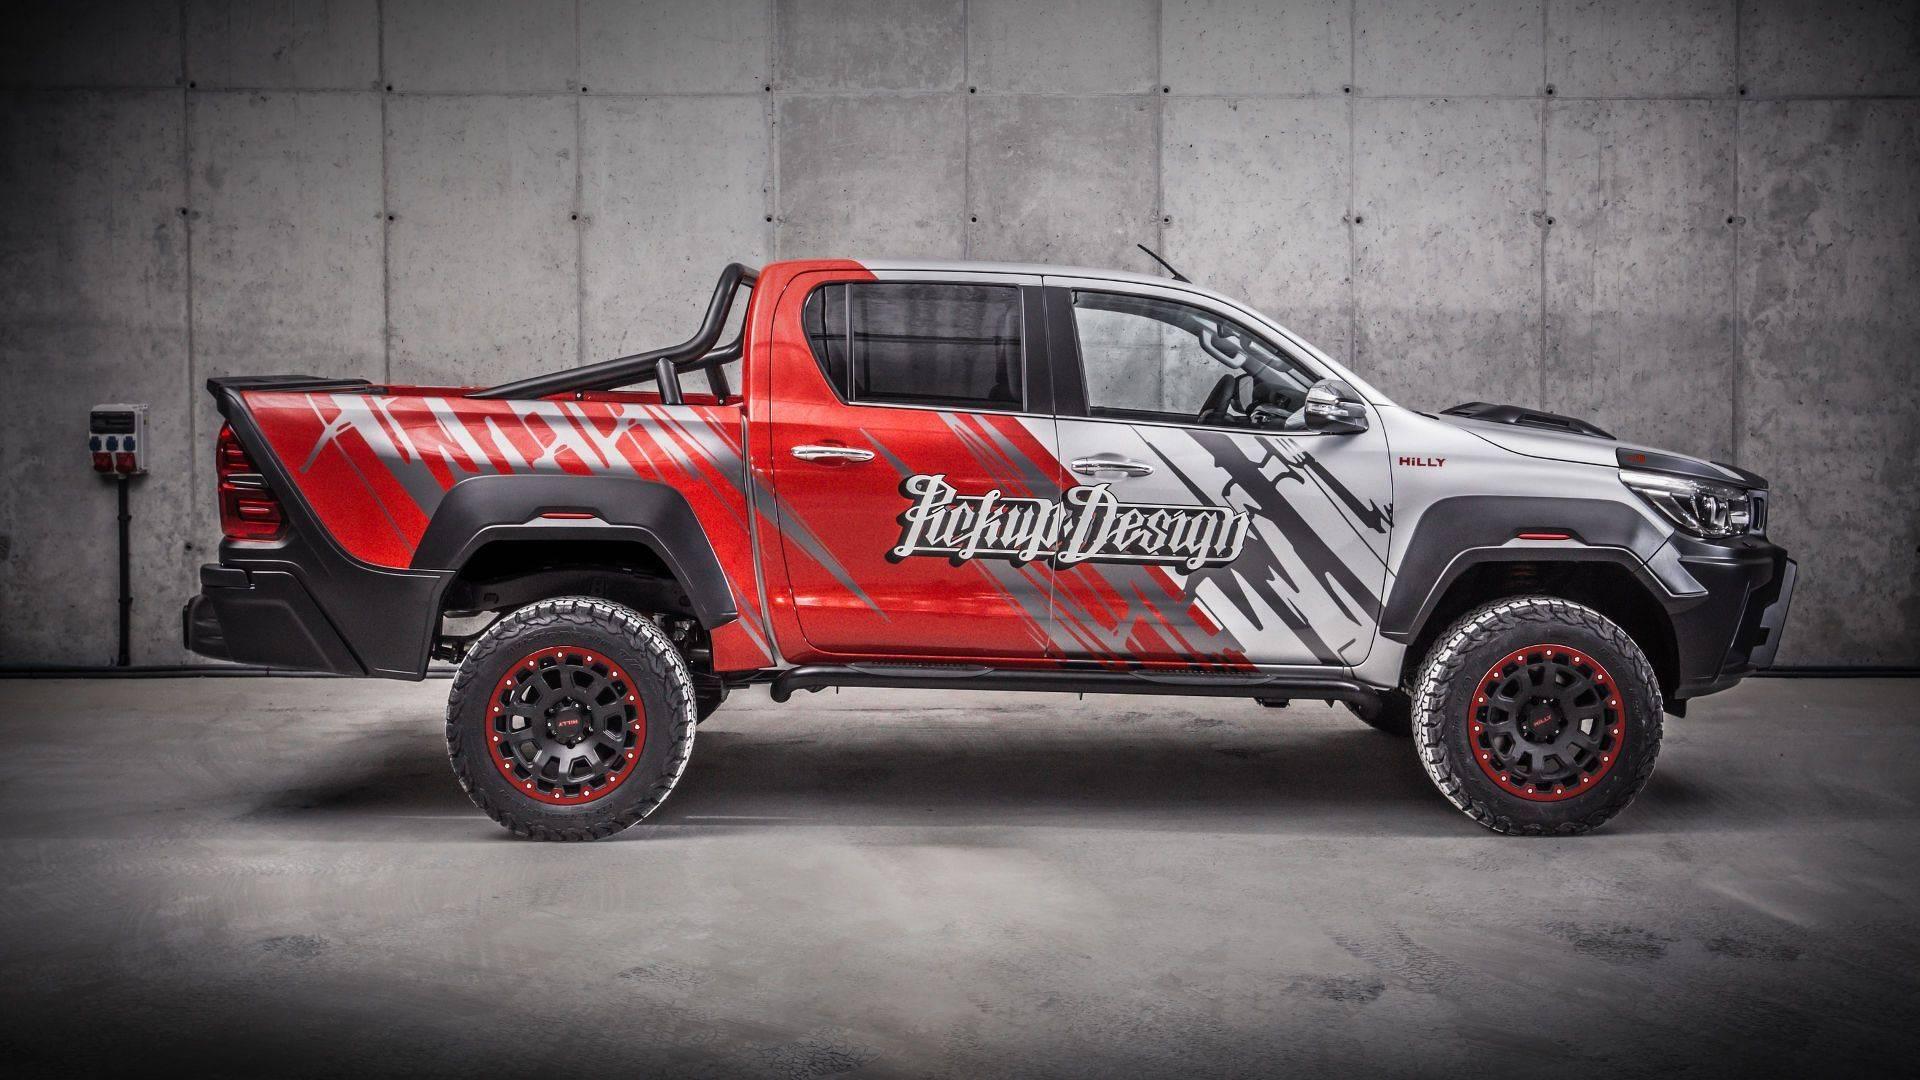 มาชม Toyota Hilux Carlex Design และ Toyota Gr Hv Sports